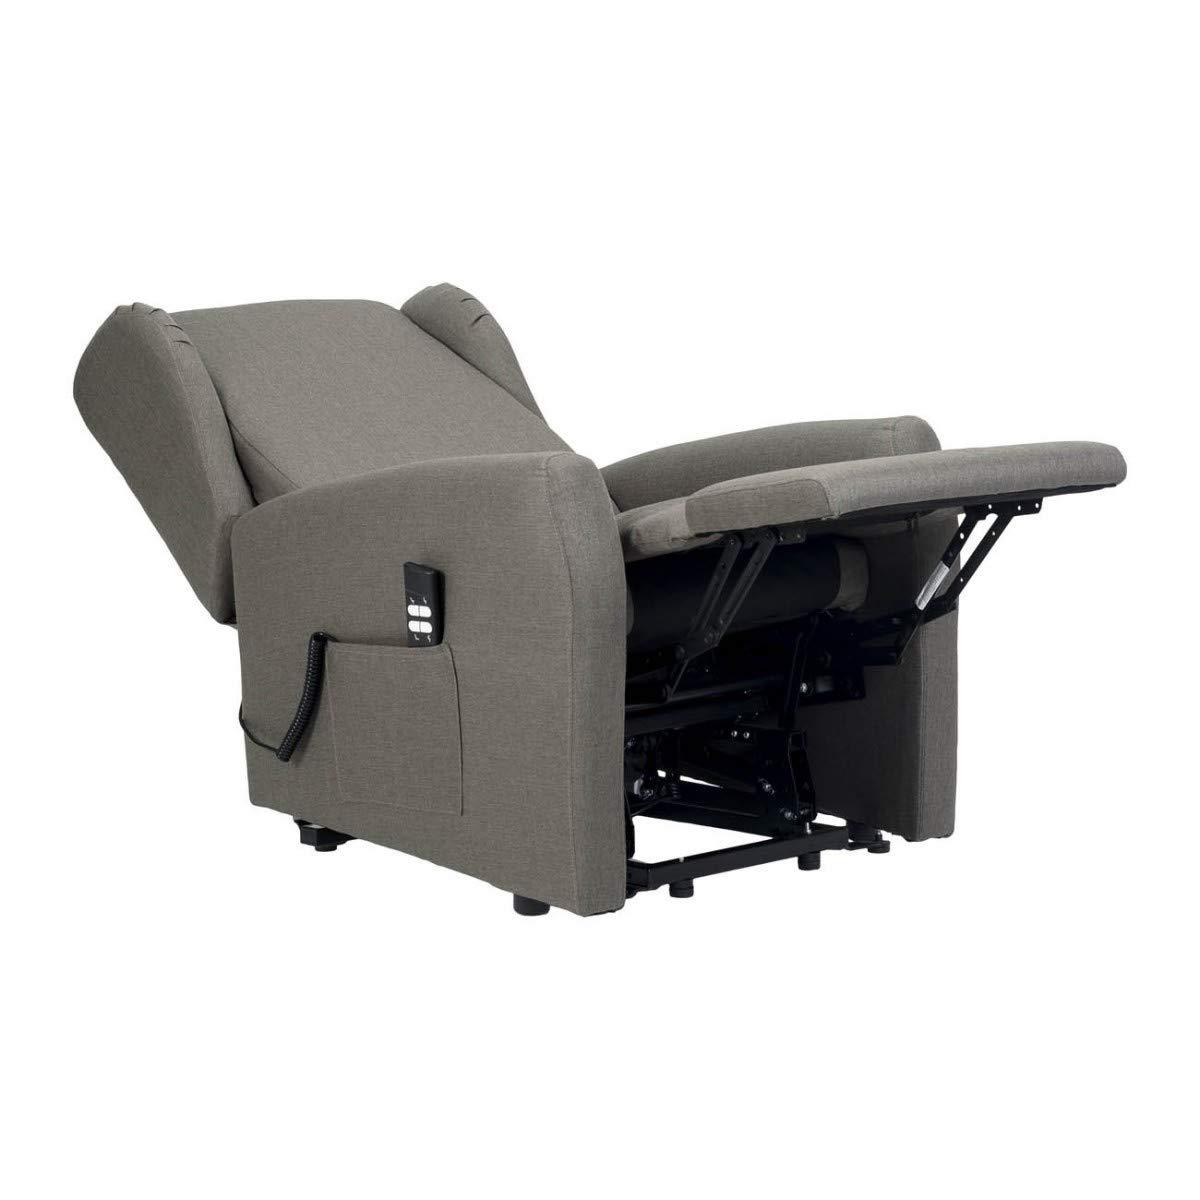 poltrone-italia - sillón reclinable Eléctrico 2 MOT Lift ...